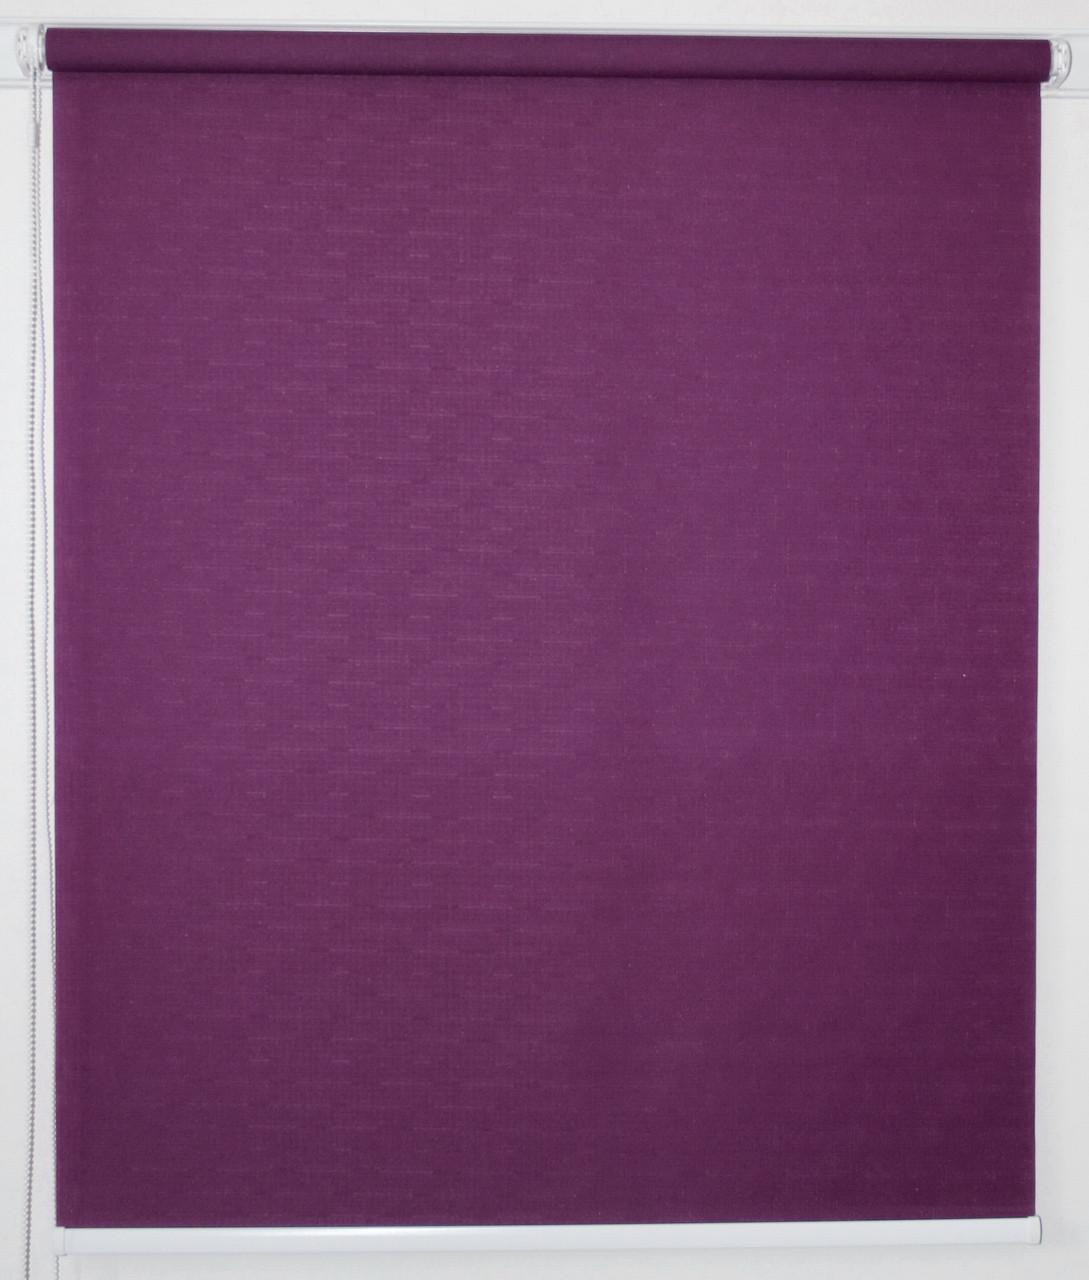 Рулонная штора 600*1500 Ткань Лён 613 Фиолетовый